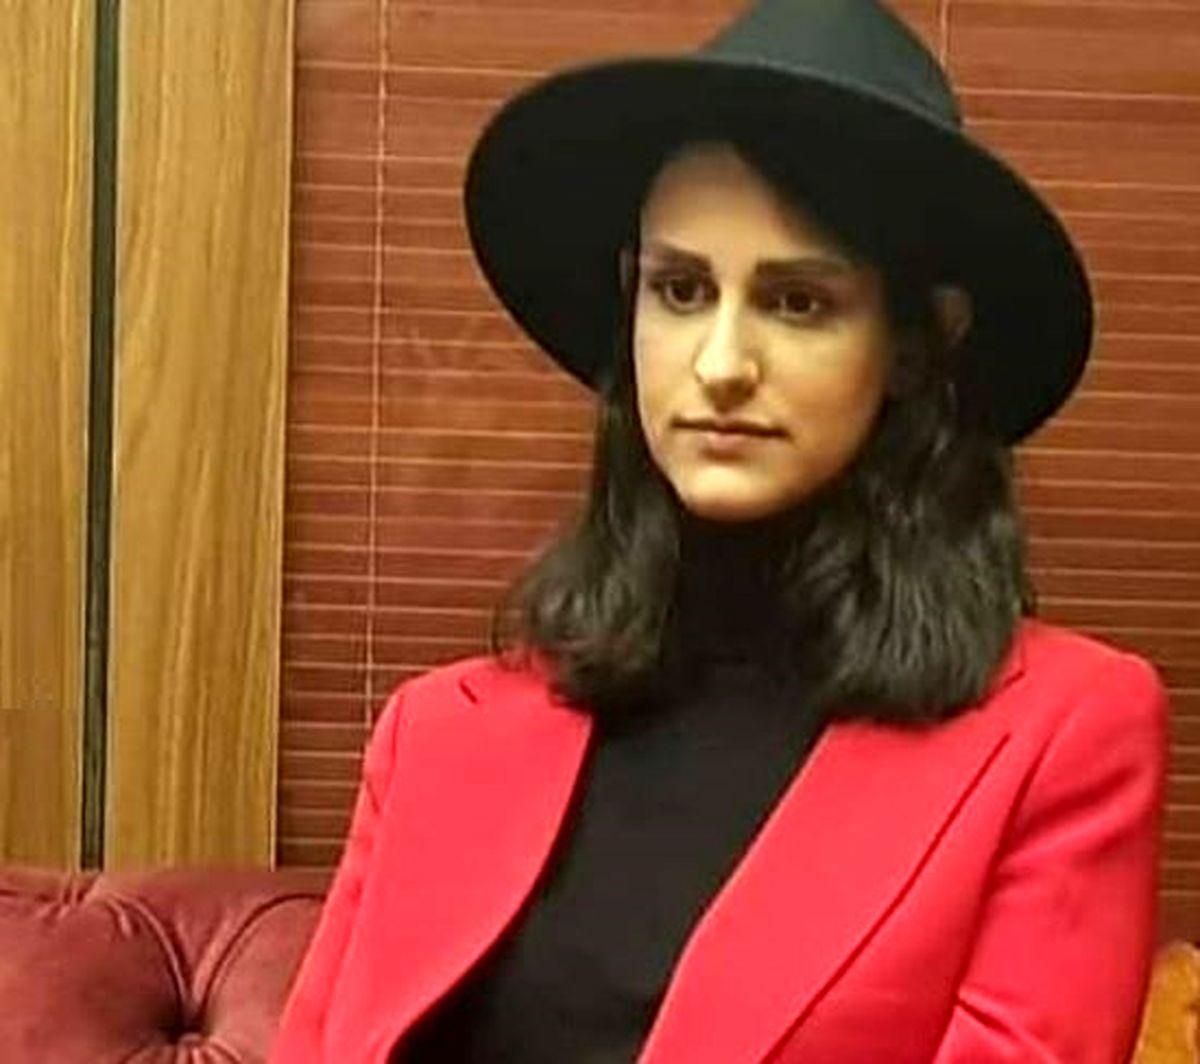 زندگی میلیاردی دختر مهران مدیری +فیلم